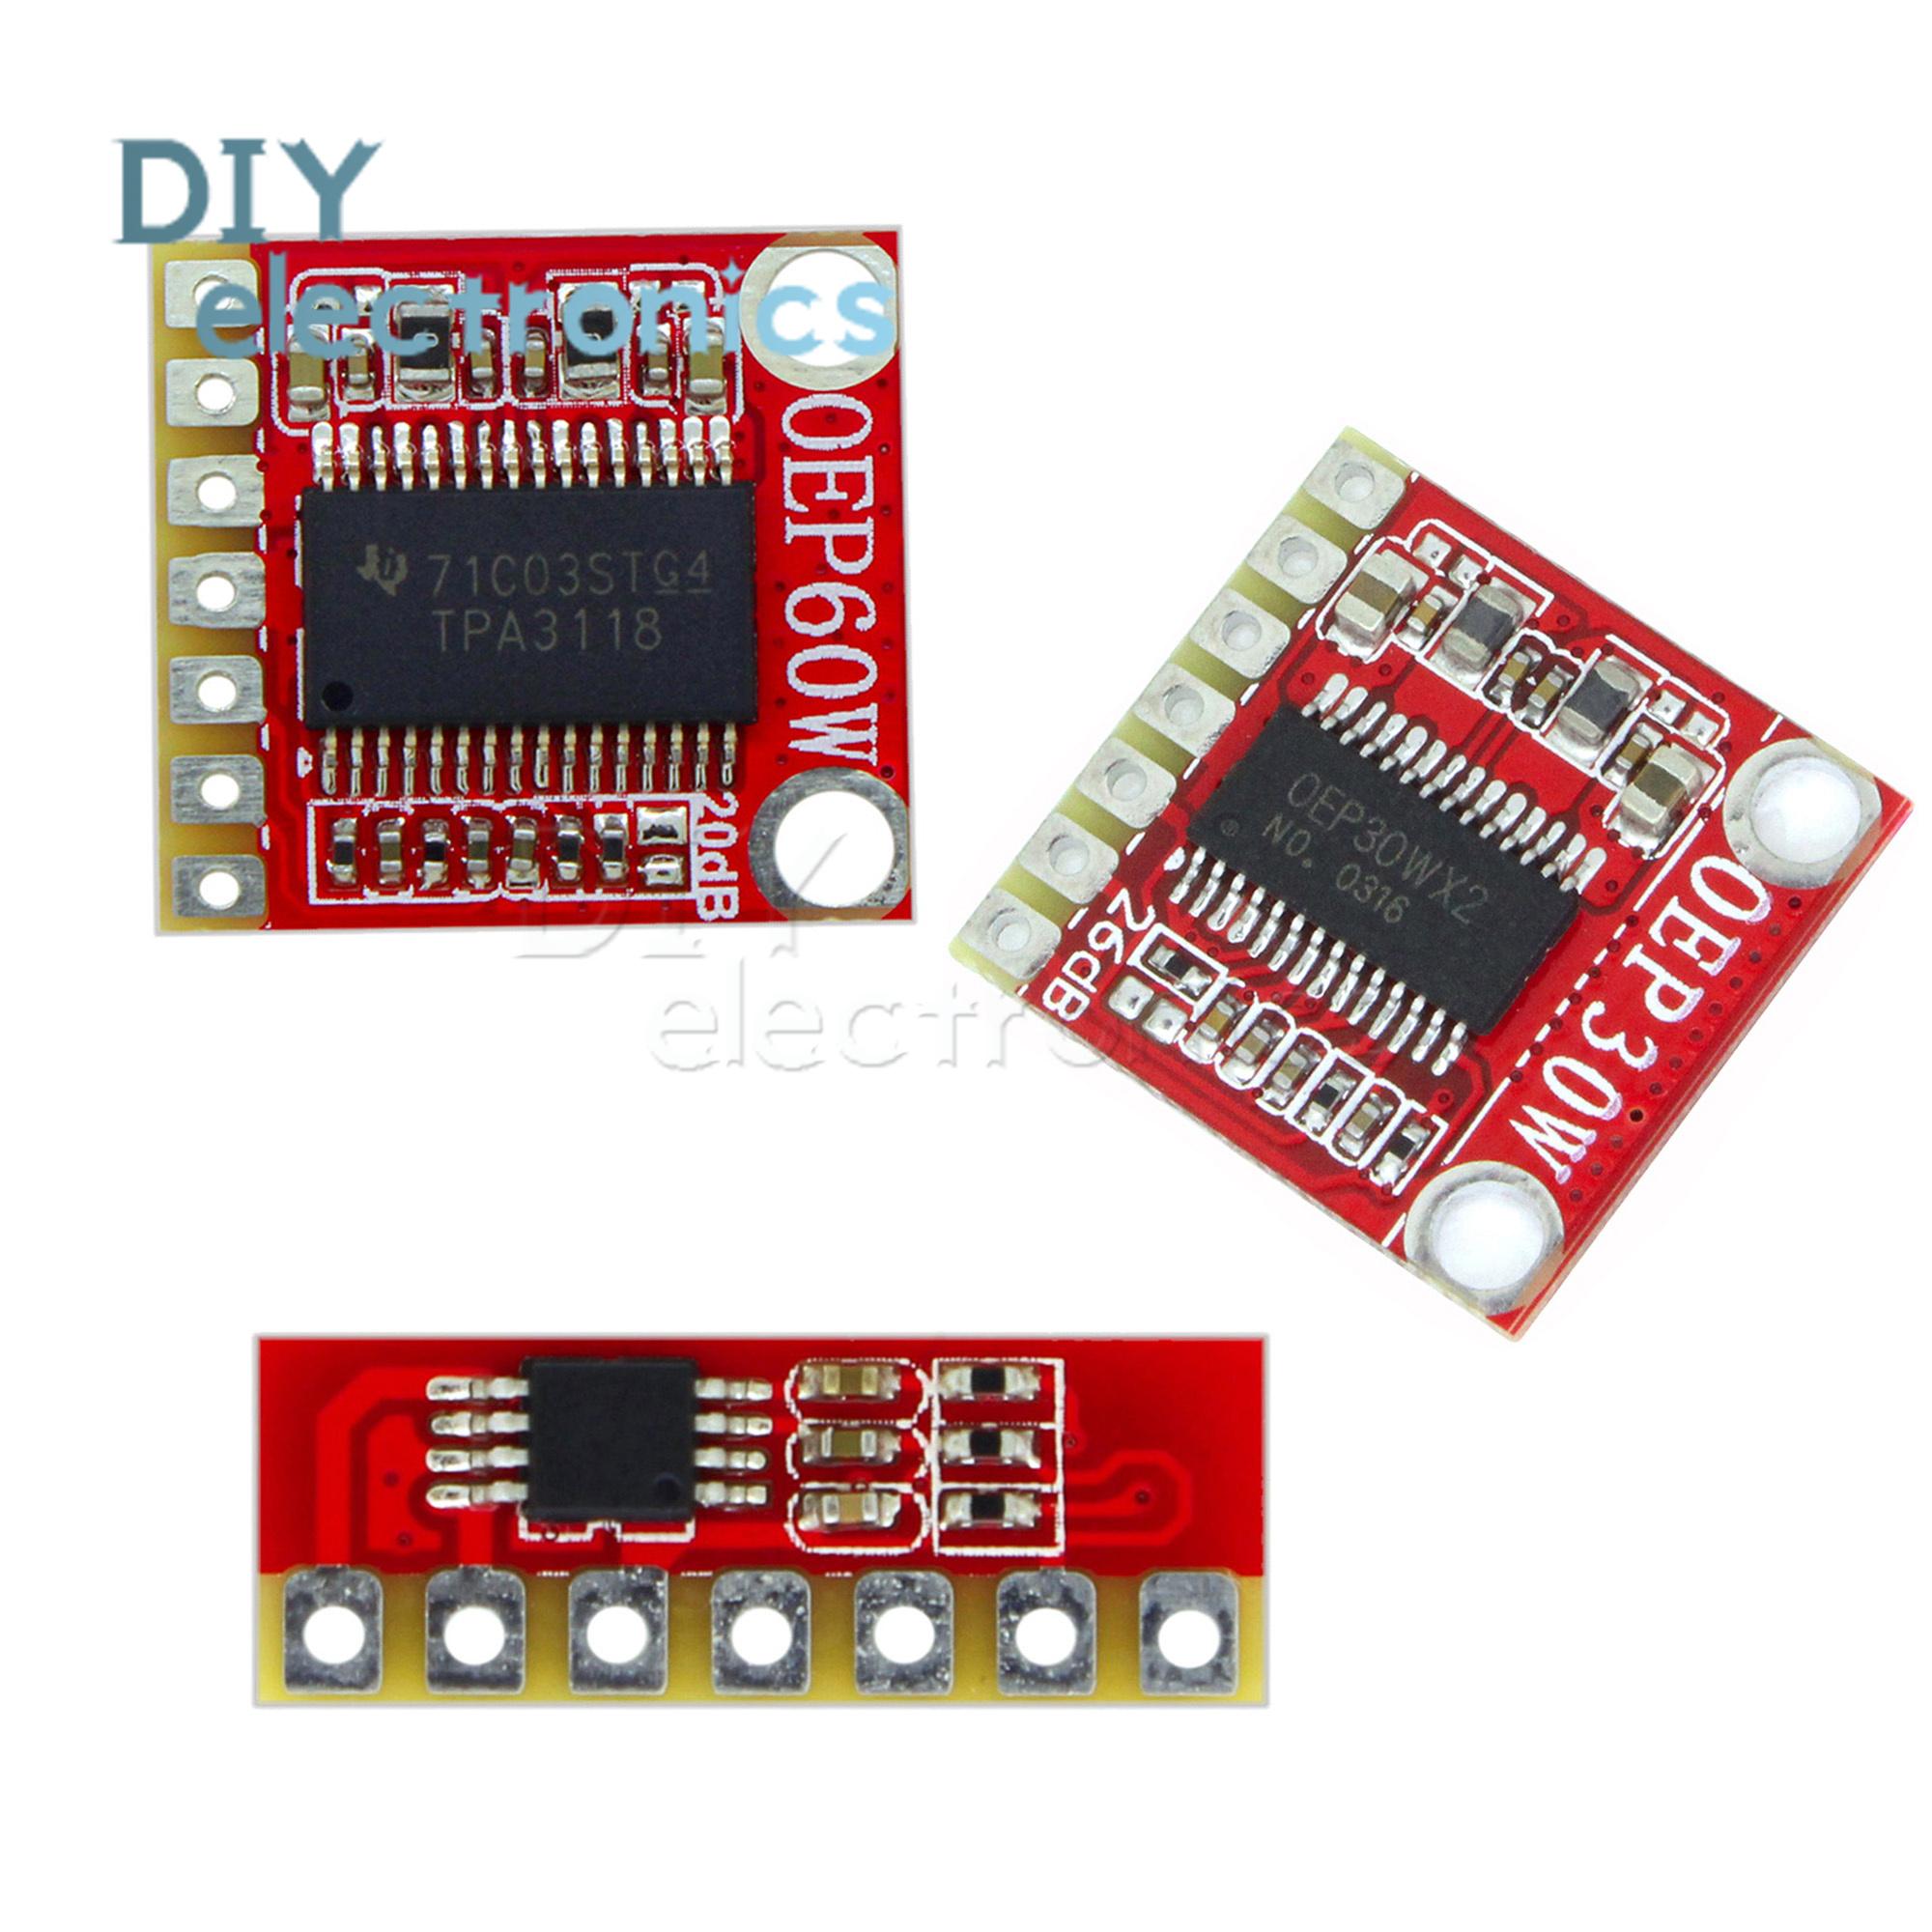 D Class Mono Oep3w 30w 60w Digital Power Amplifier Board Module Ic 23w Dual Audio Circuit Item Description